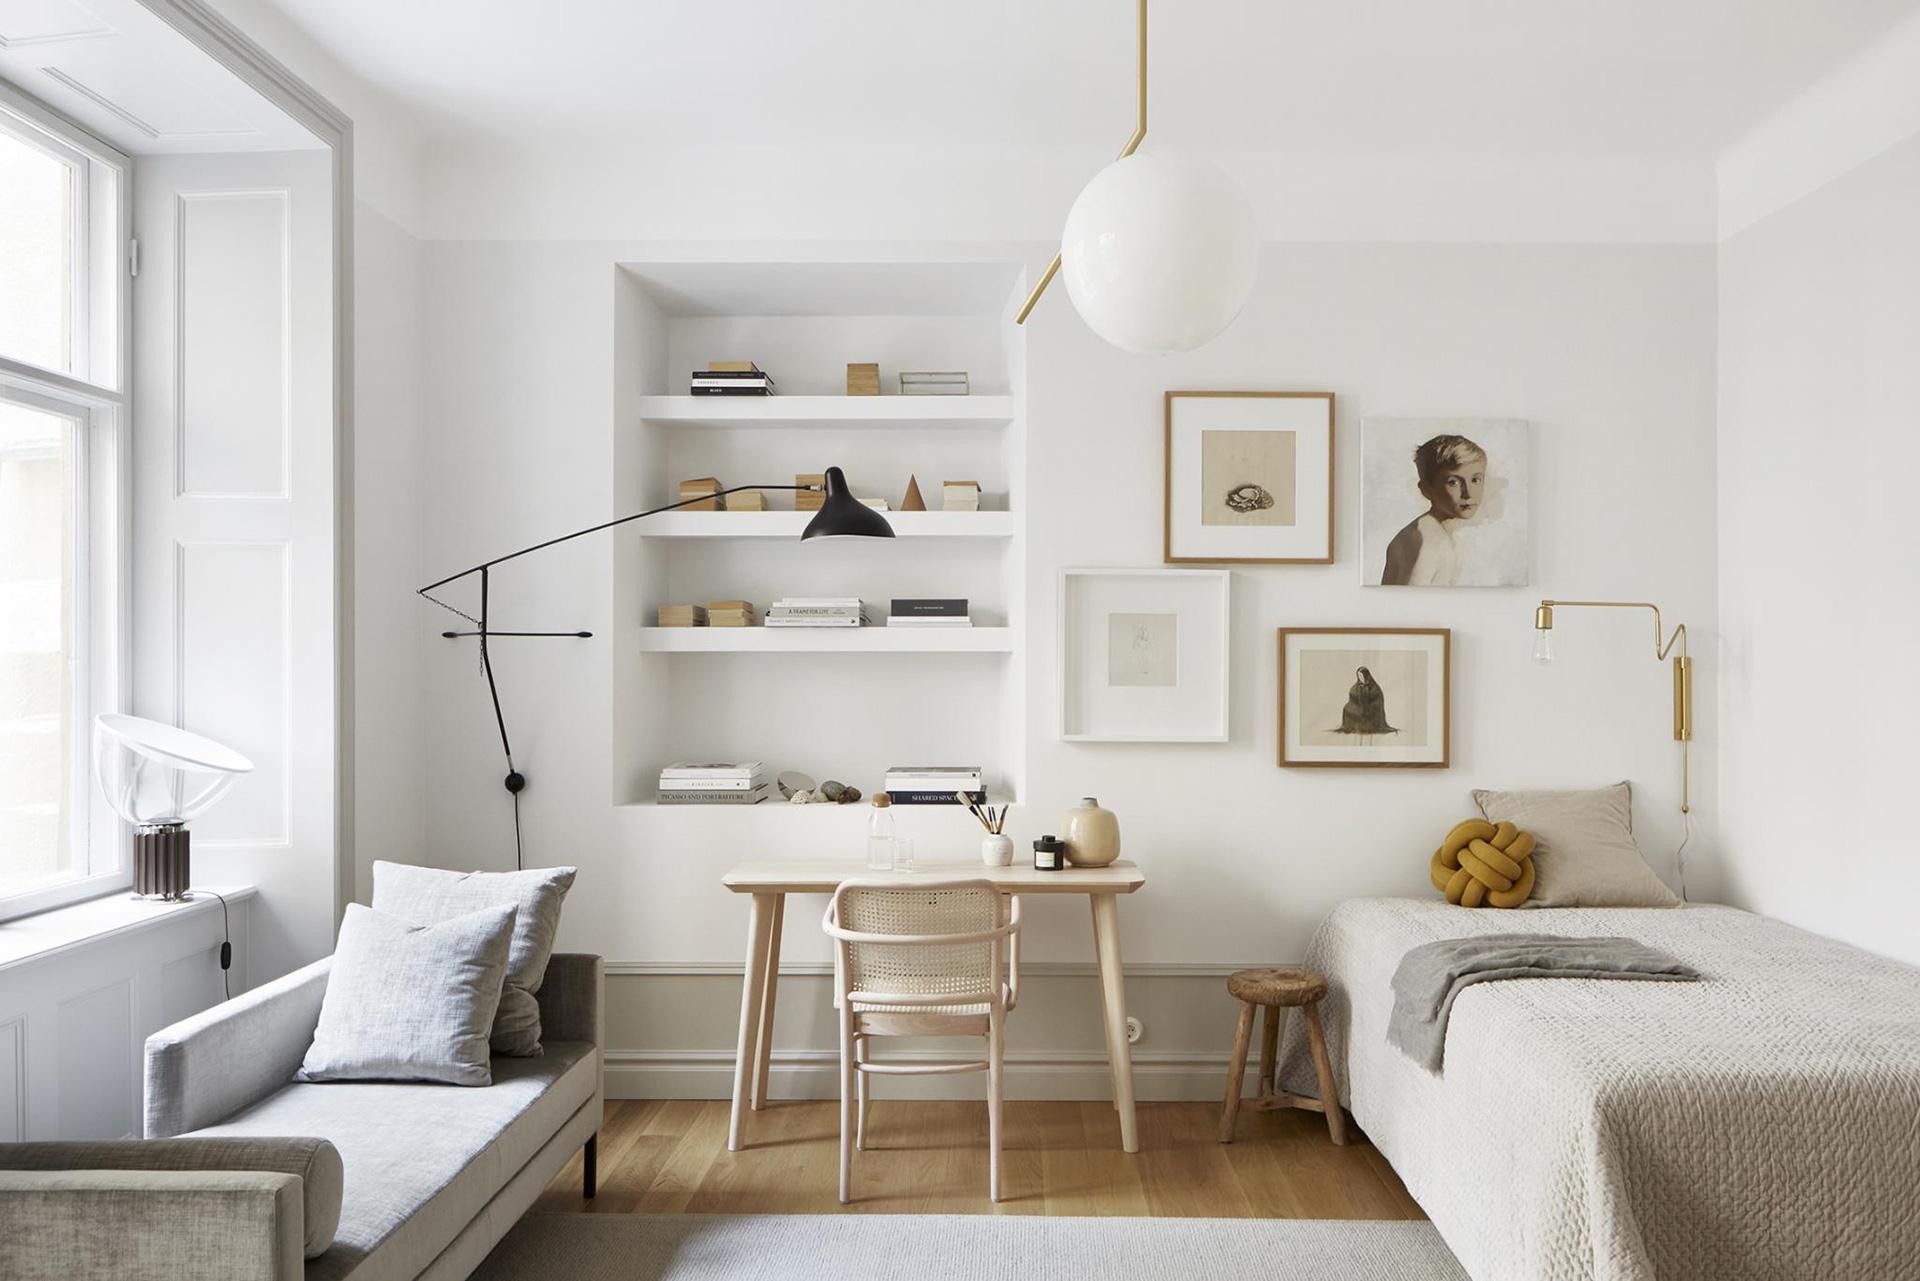 Дизайн однокомнатной квартиры: 35 примеров